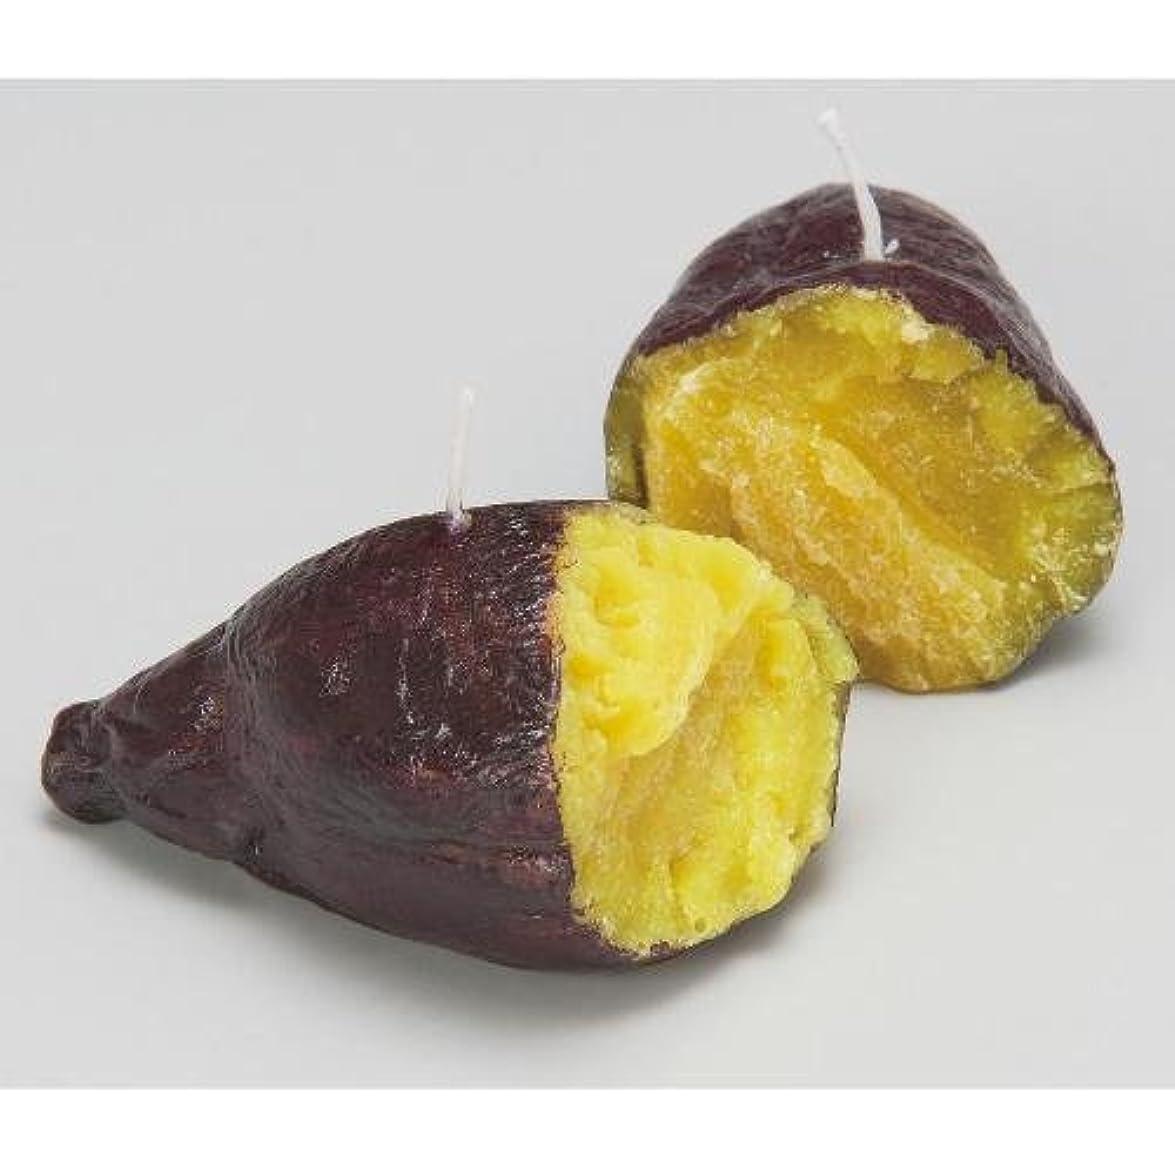 転用コインランドリー作り上げる焼き芋キャンドル